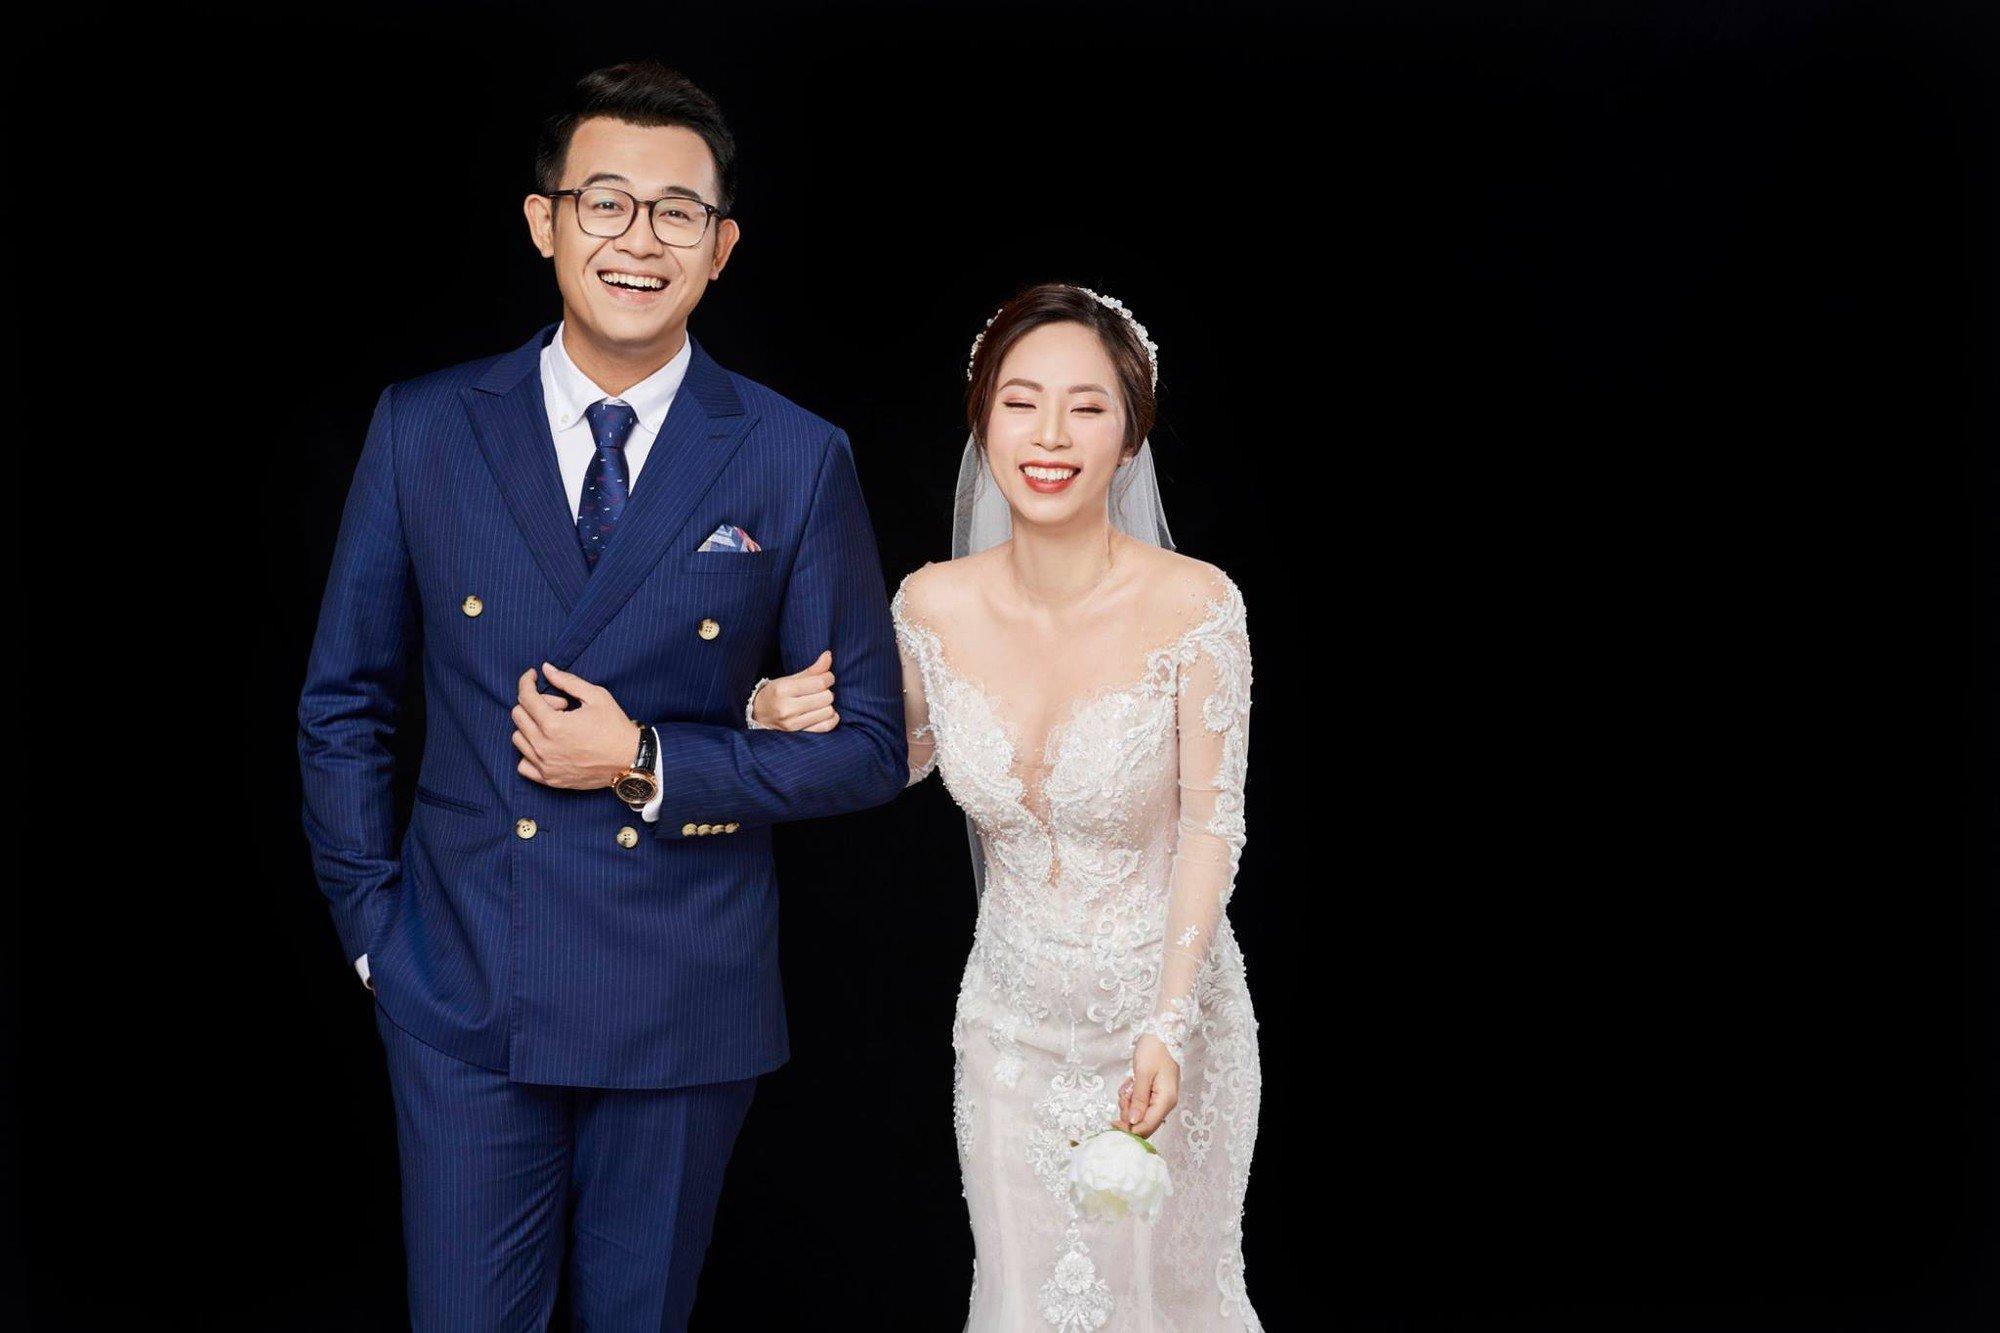 MC Chúng tôi là chiến sĩ khoe ảnh cưới bên vợ xinh đẹp, hài hước